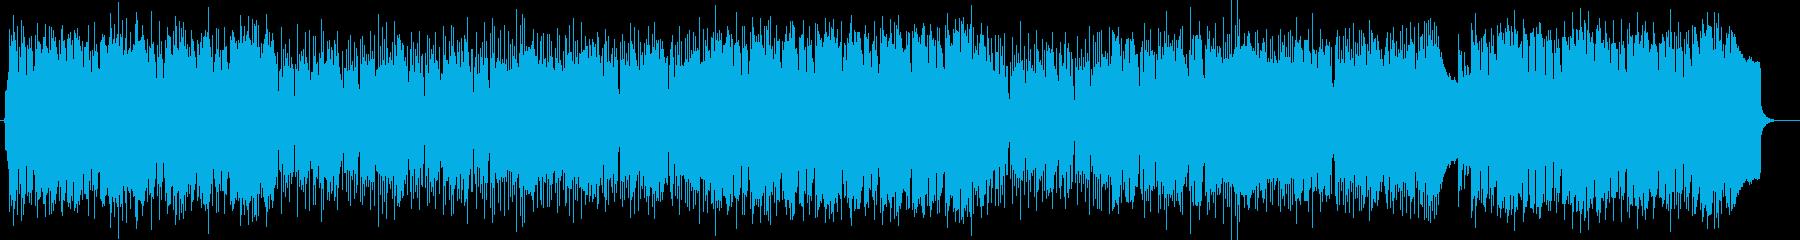 爽やかでキラキラ感のあるシンセサウンドの再生済みの波形